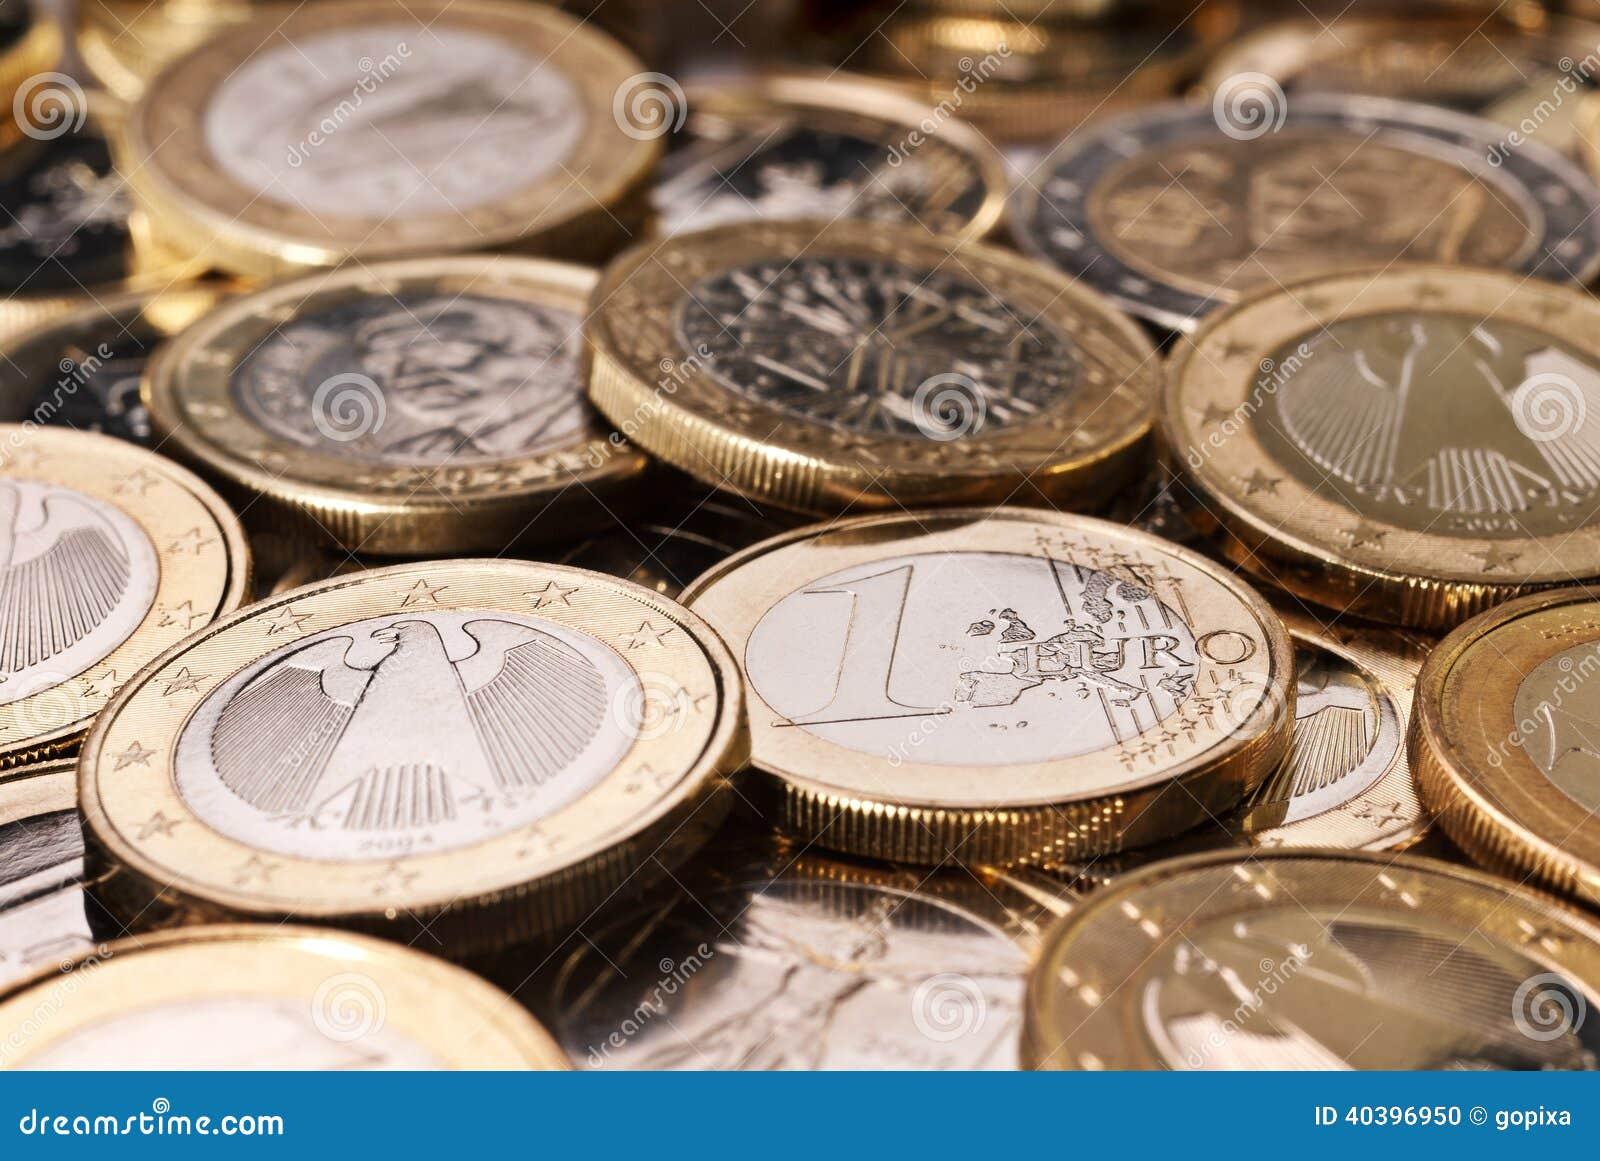 Vele Euro muntstukken